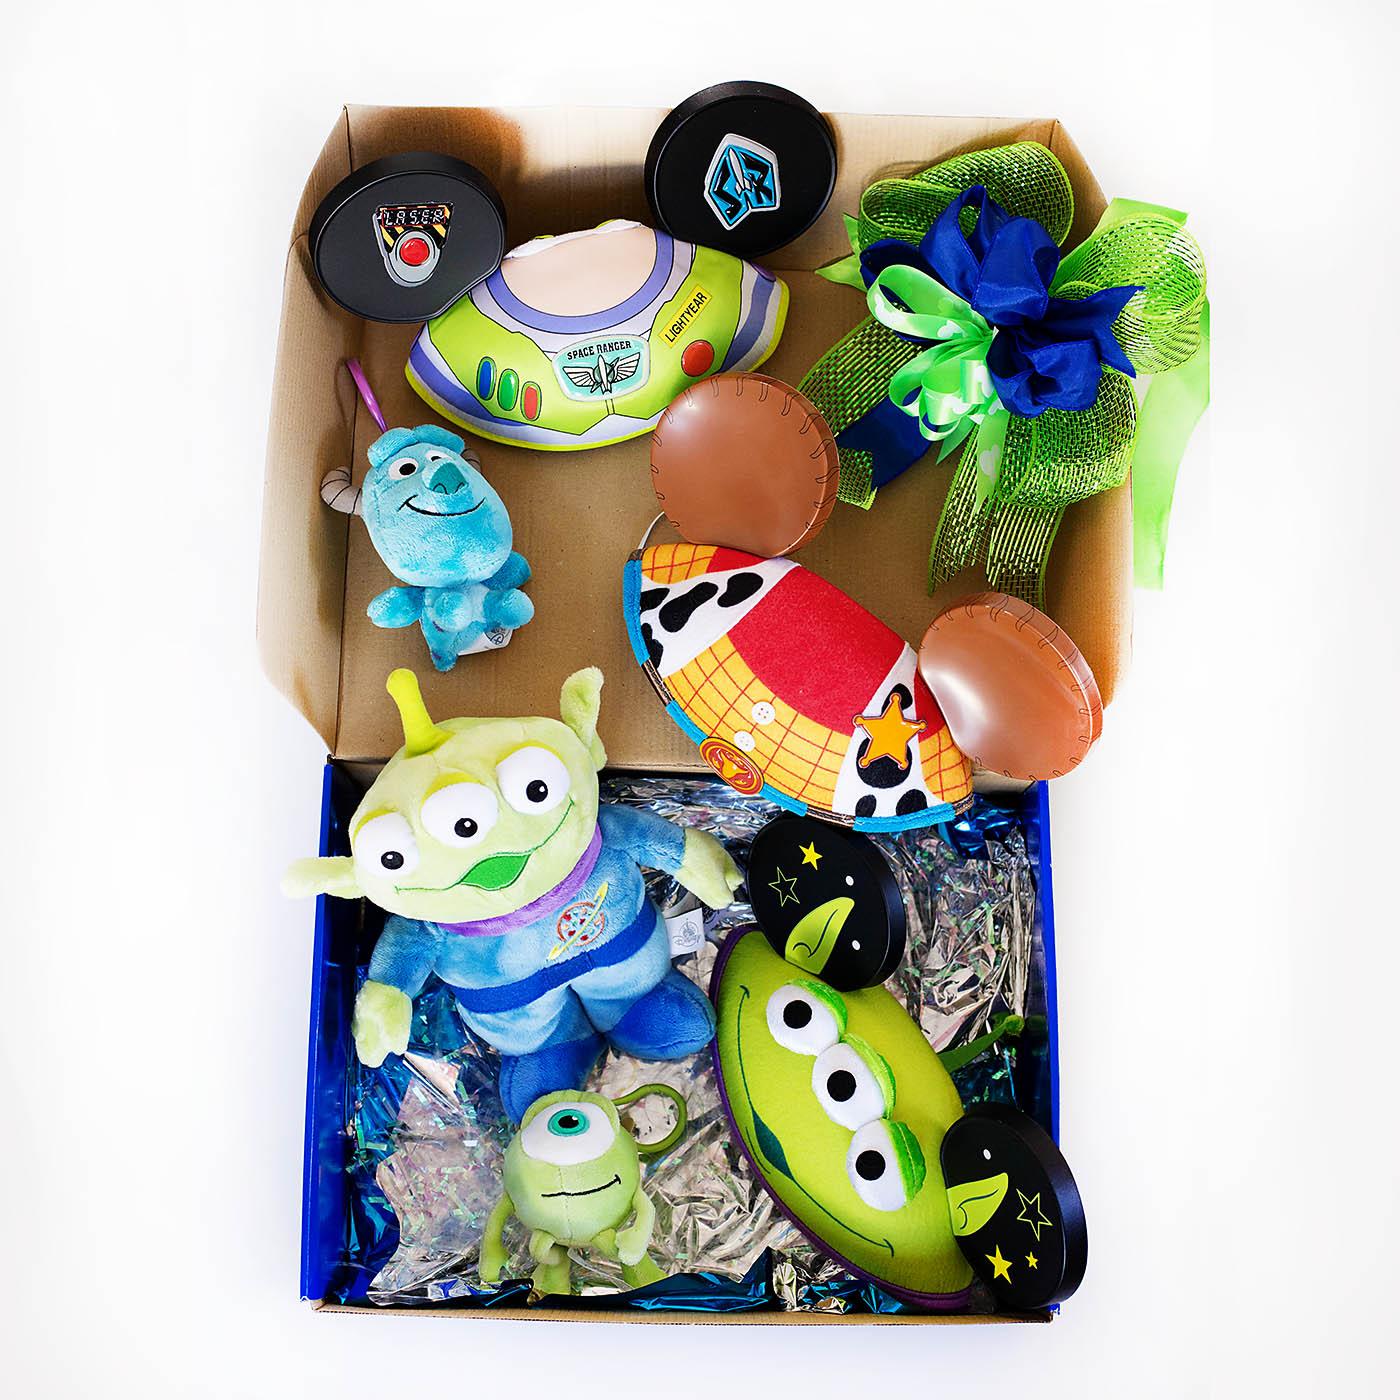 PixarFest Giveaway